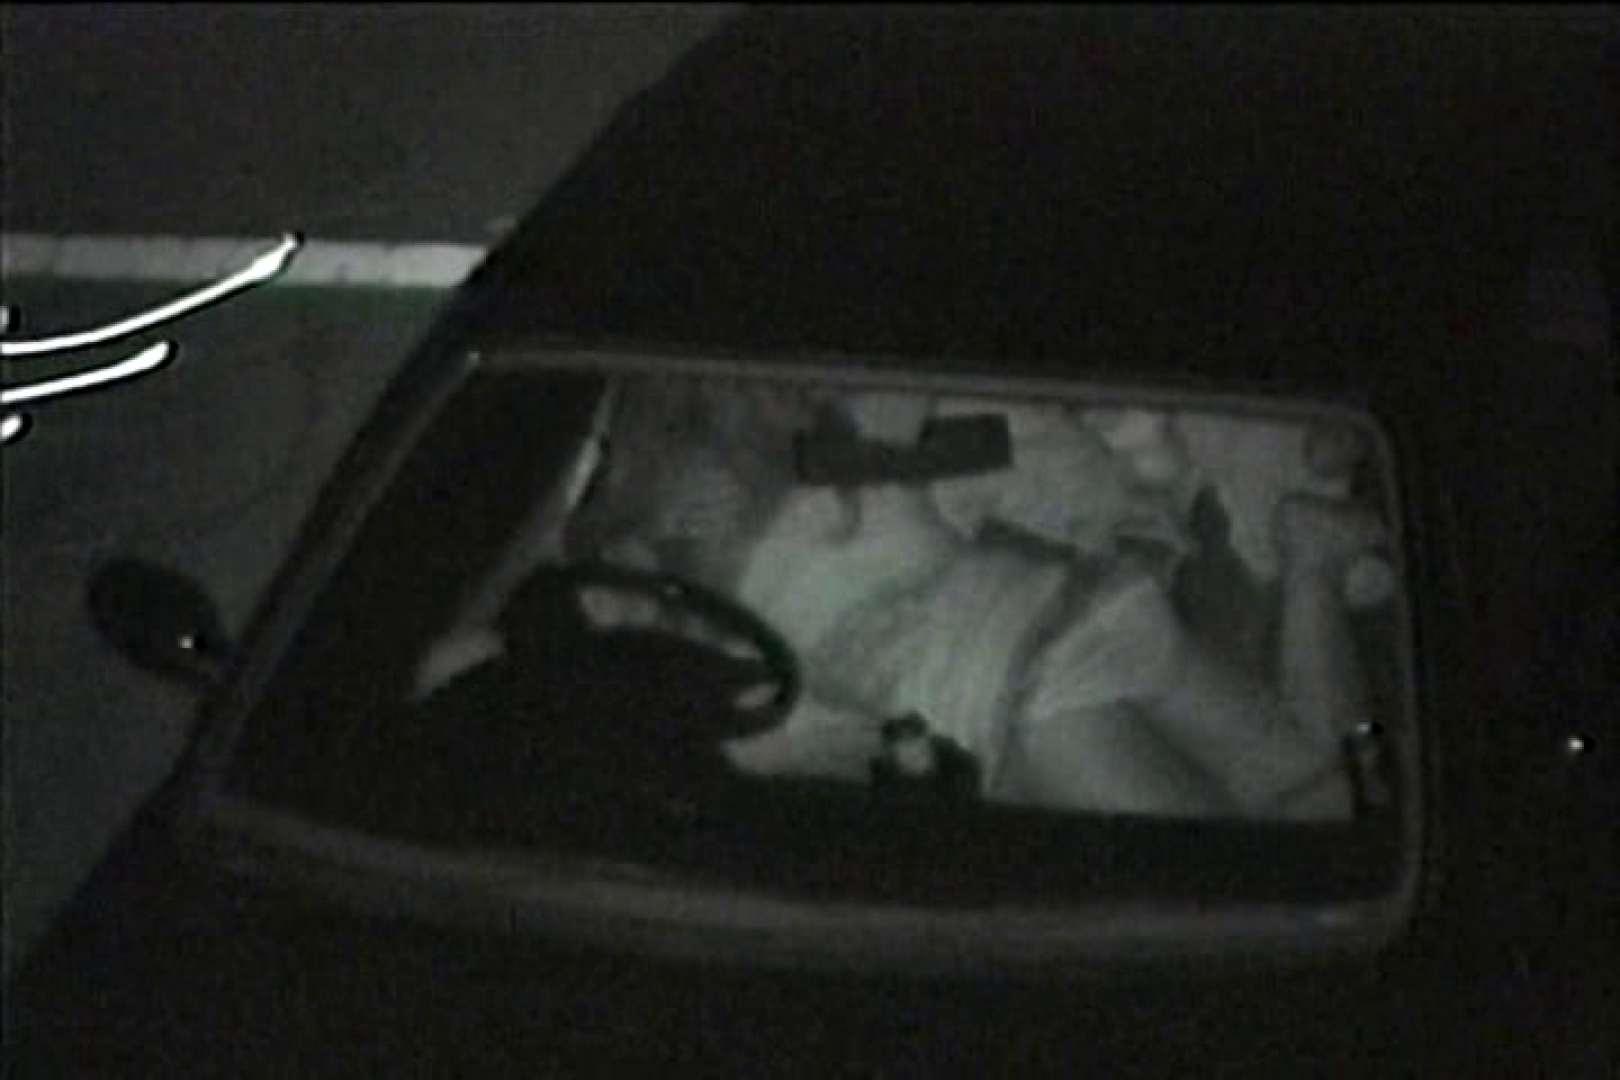 車の中はラブホテル 無修正版  Vol.7 カーセックス 盗撮ヌード画像 96連発 86